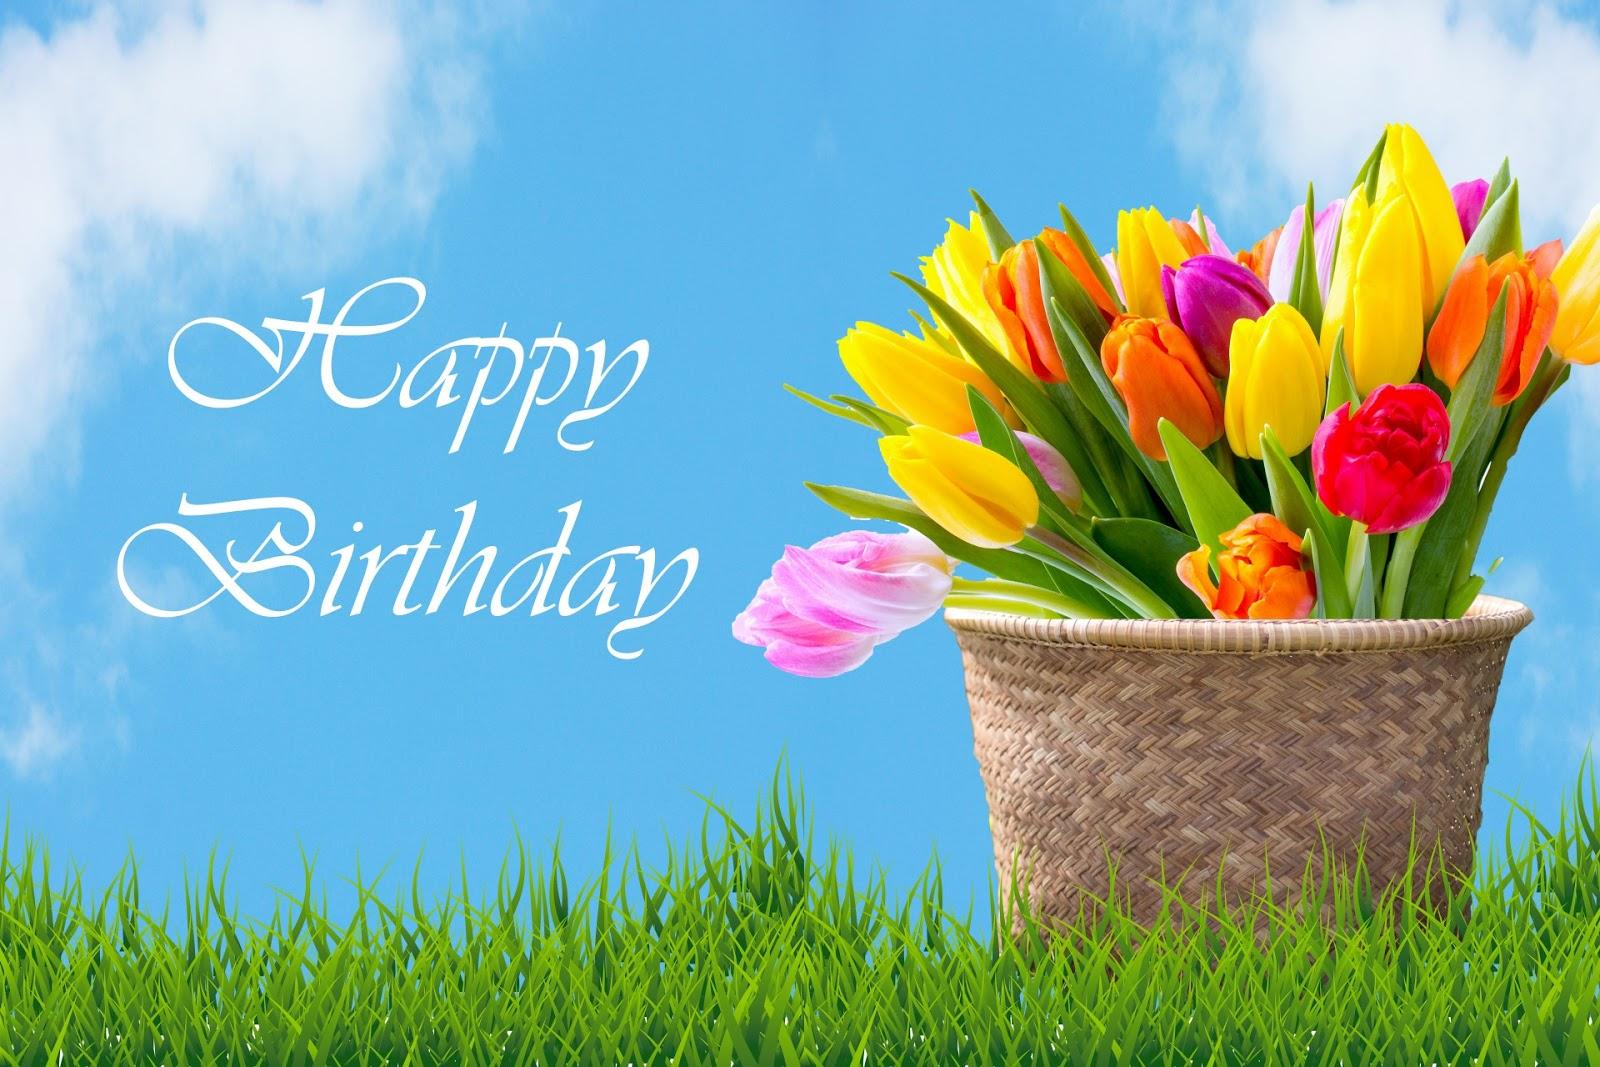 Belated Happy Birthday Saying